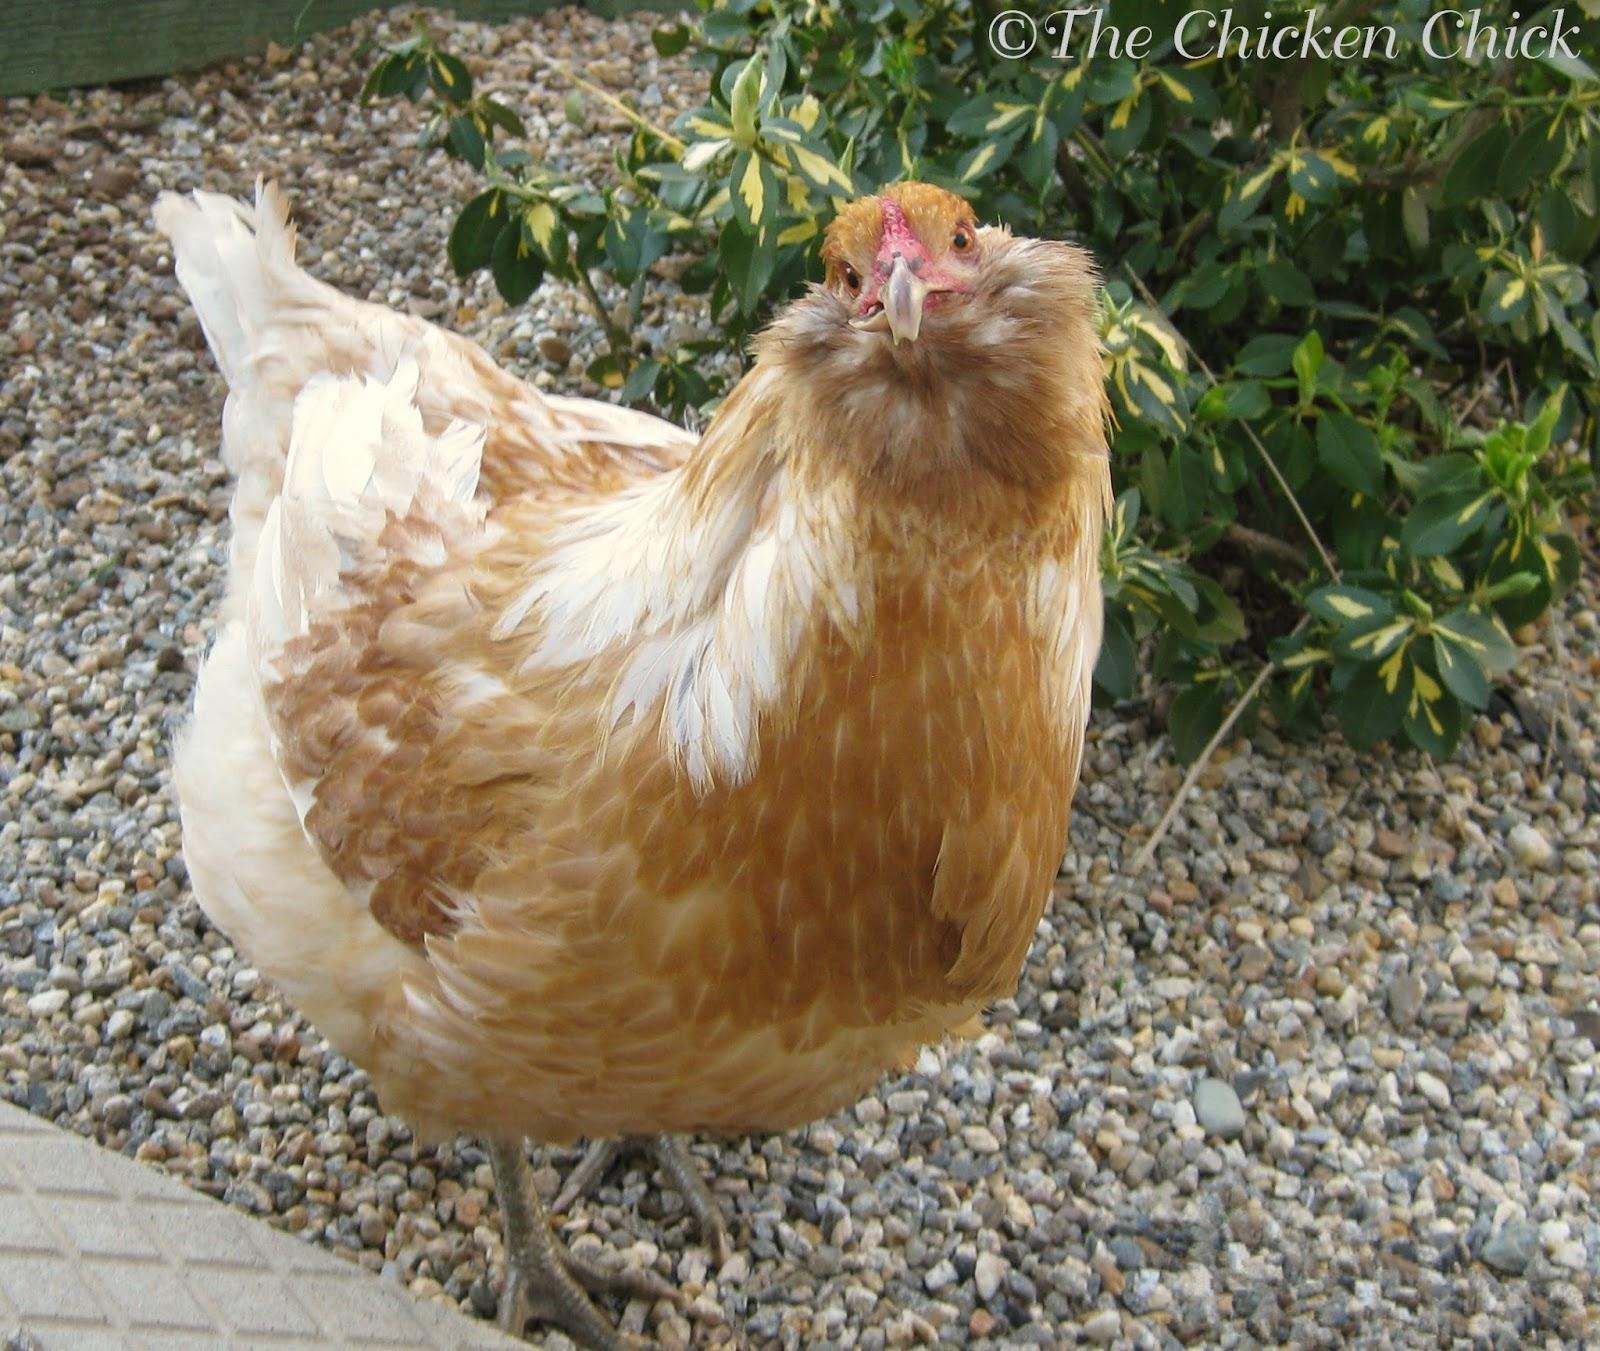 the chicken 5 ways to prepare for chicken illness injury